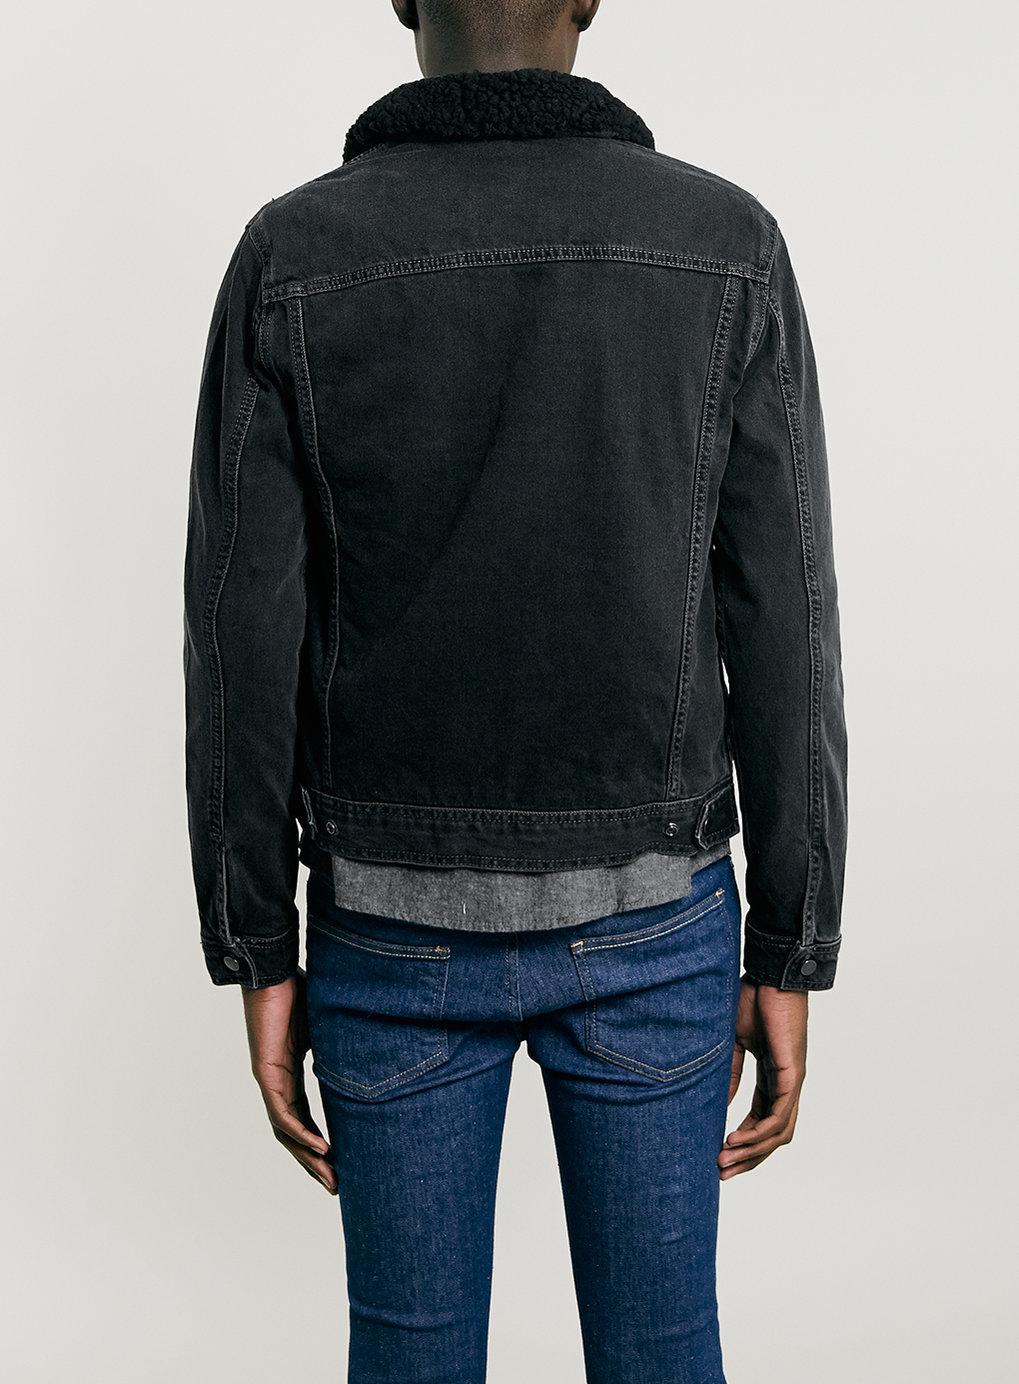 Lac Bk Denim Western Jacket With Bk Borg Lining In Black